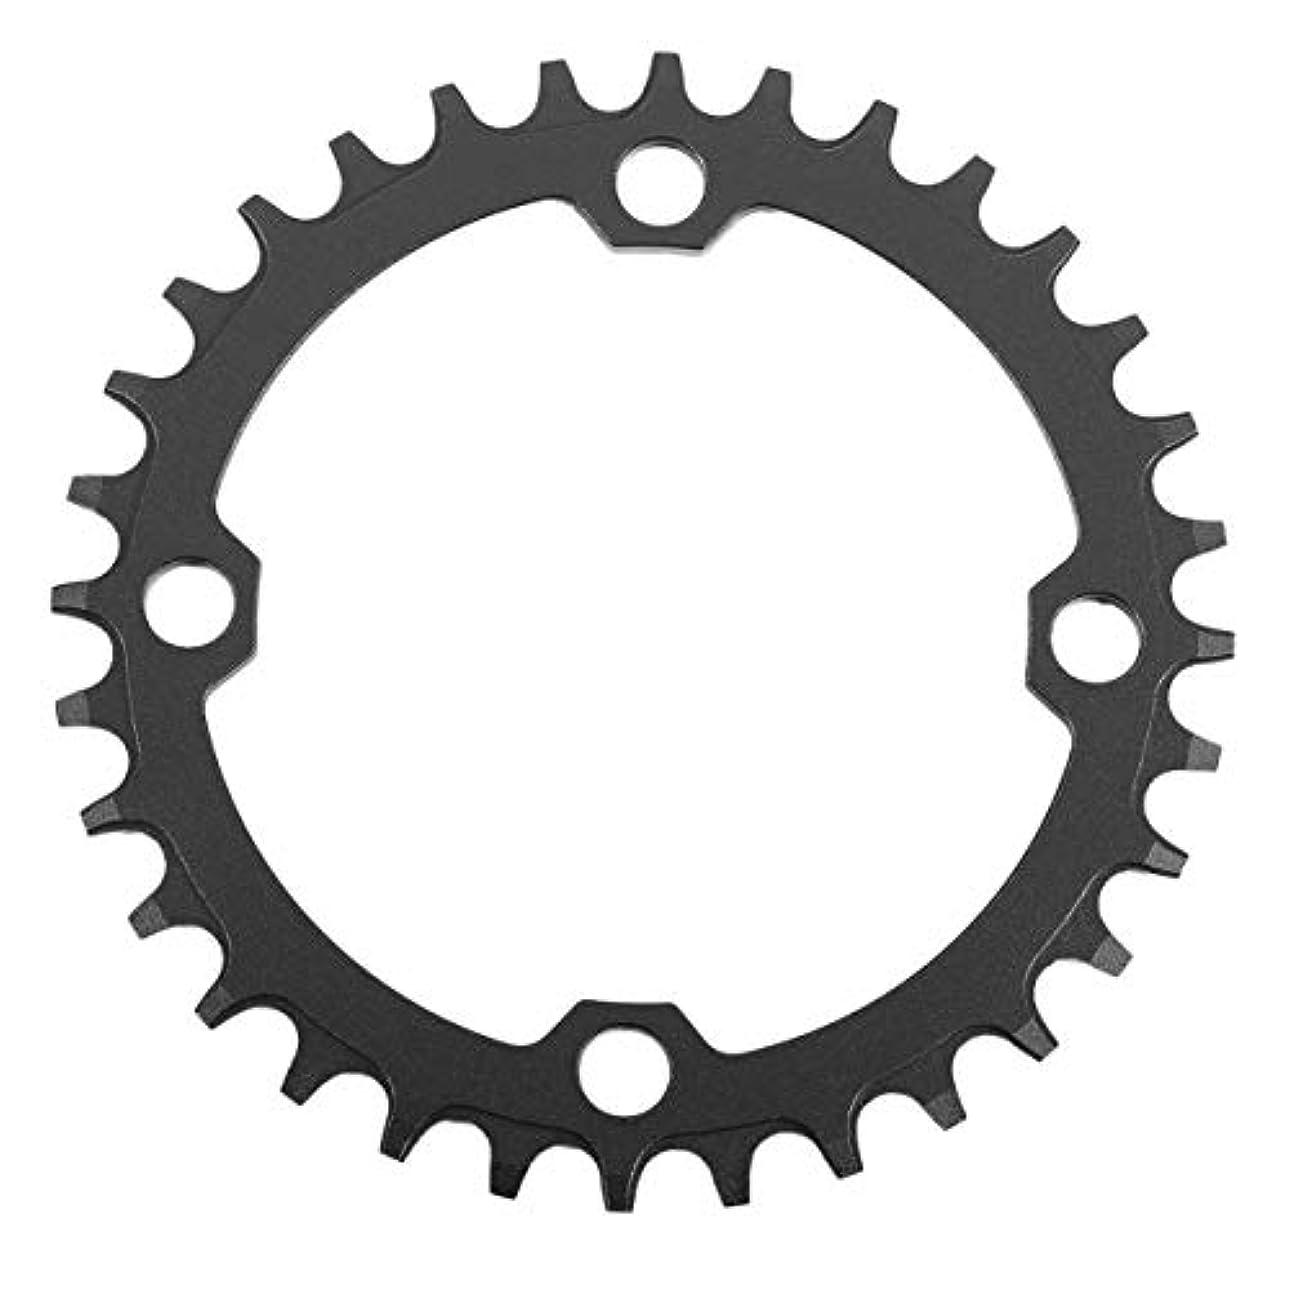 時系列ブランド名スキニーDECKAS Narrow Wide Bike MTB Crank Round Oval Chainring Chain Ring自転車Chainwheel Bike Circle Single Plate-ブラック